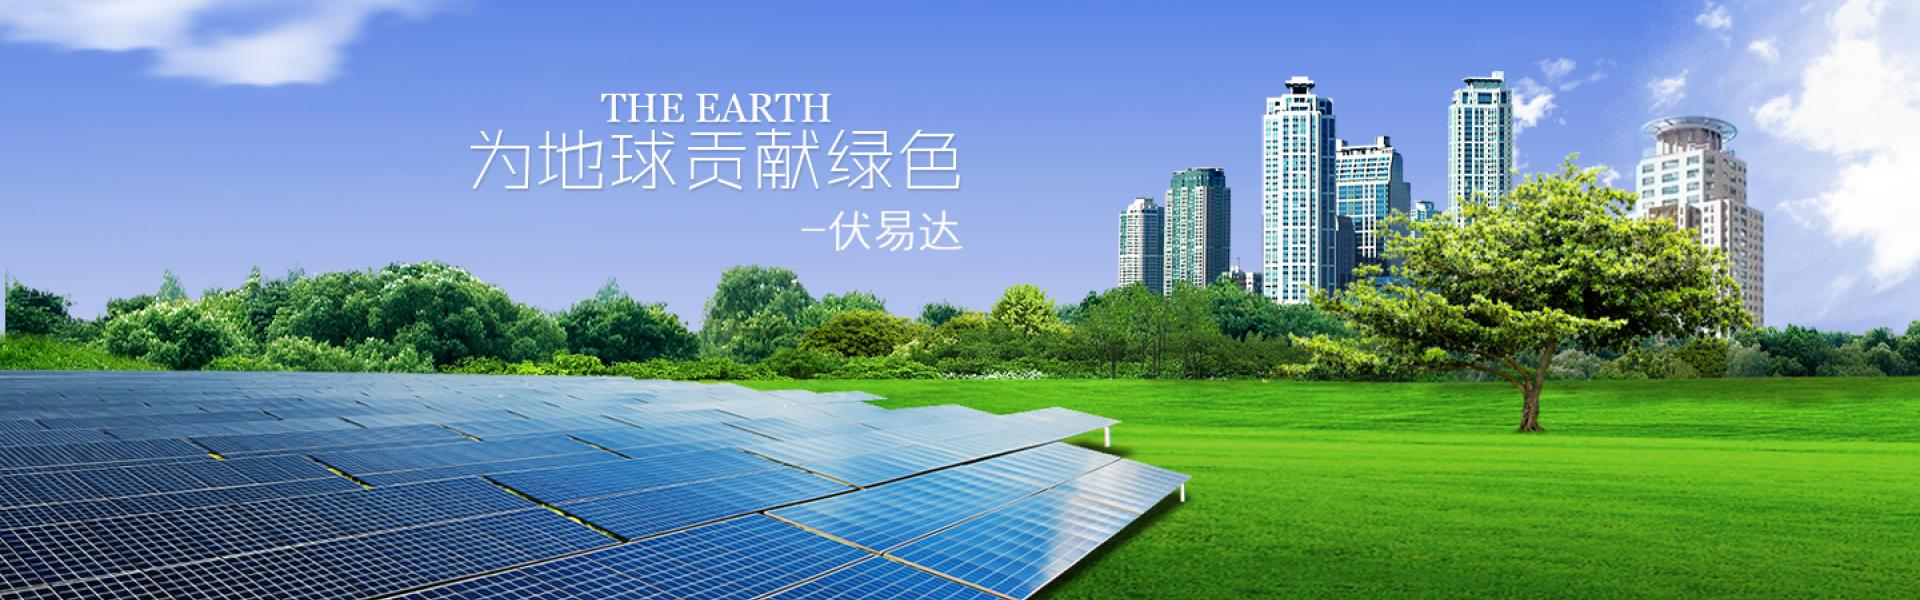 吉林太阳能路灯 沈阳太阳能监控 太阳能发电厂家 沈阳光伏并网 森林防火太阳能供电 水利太阳能监测